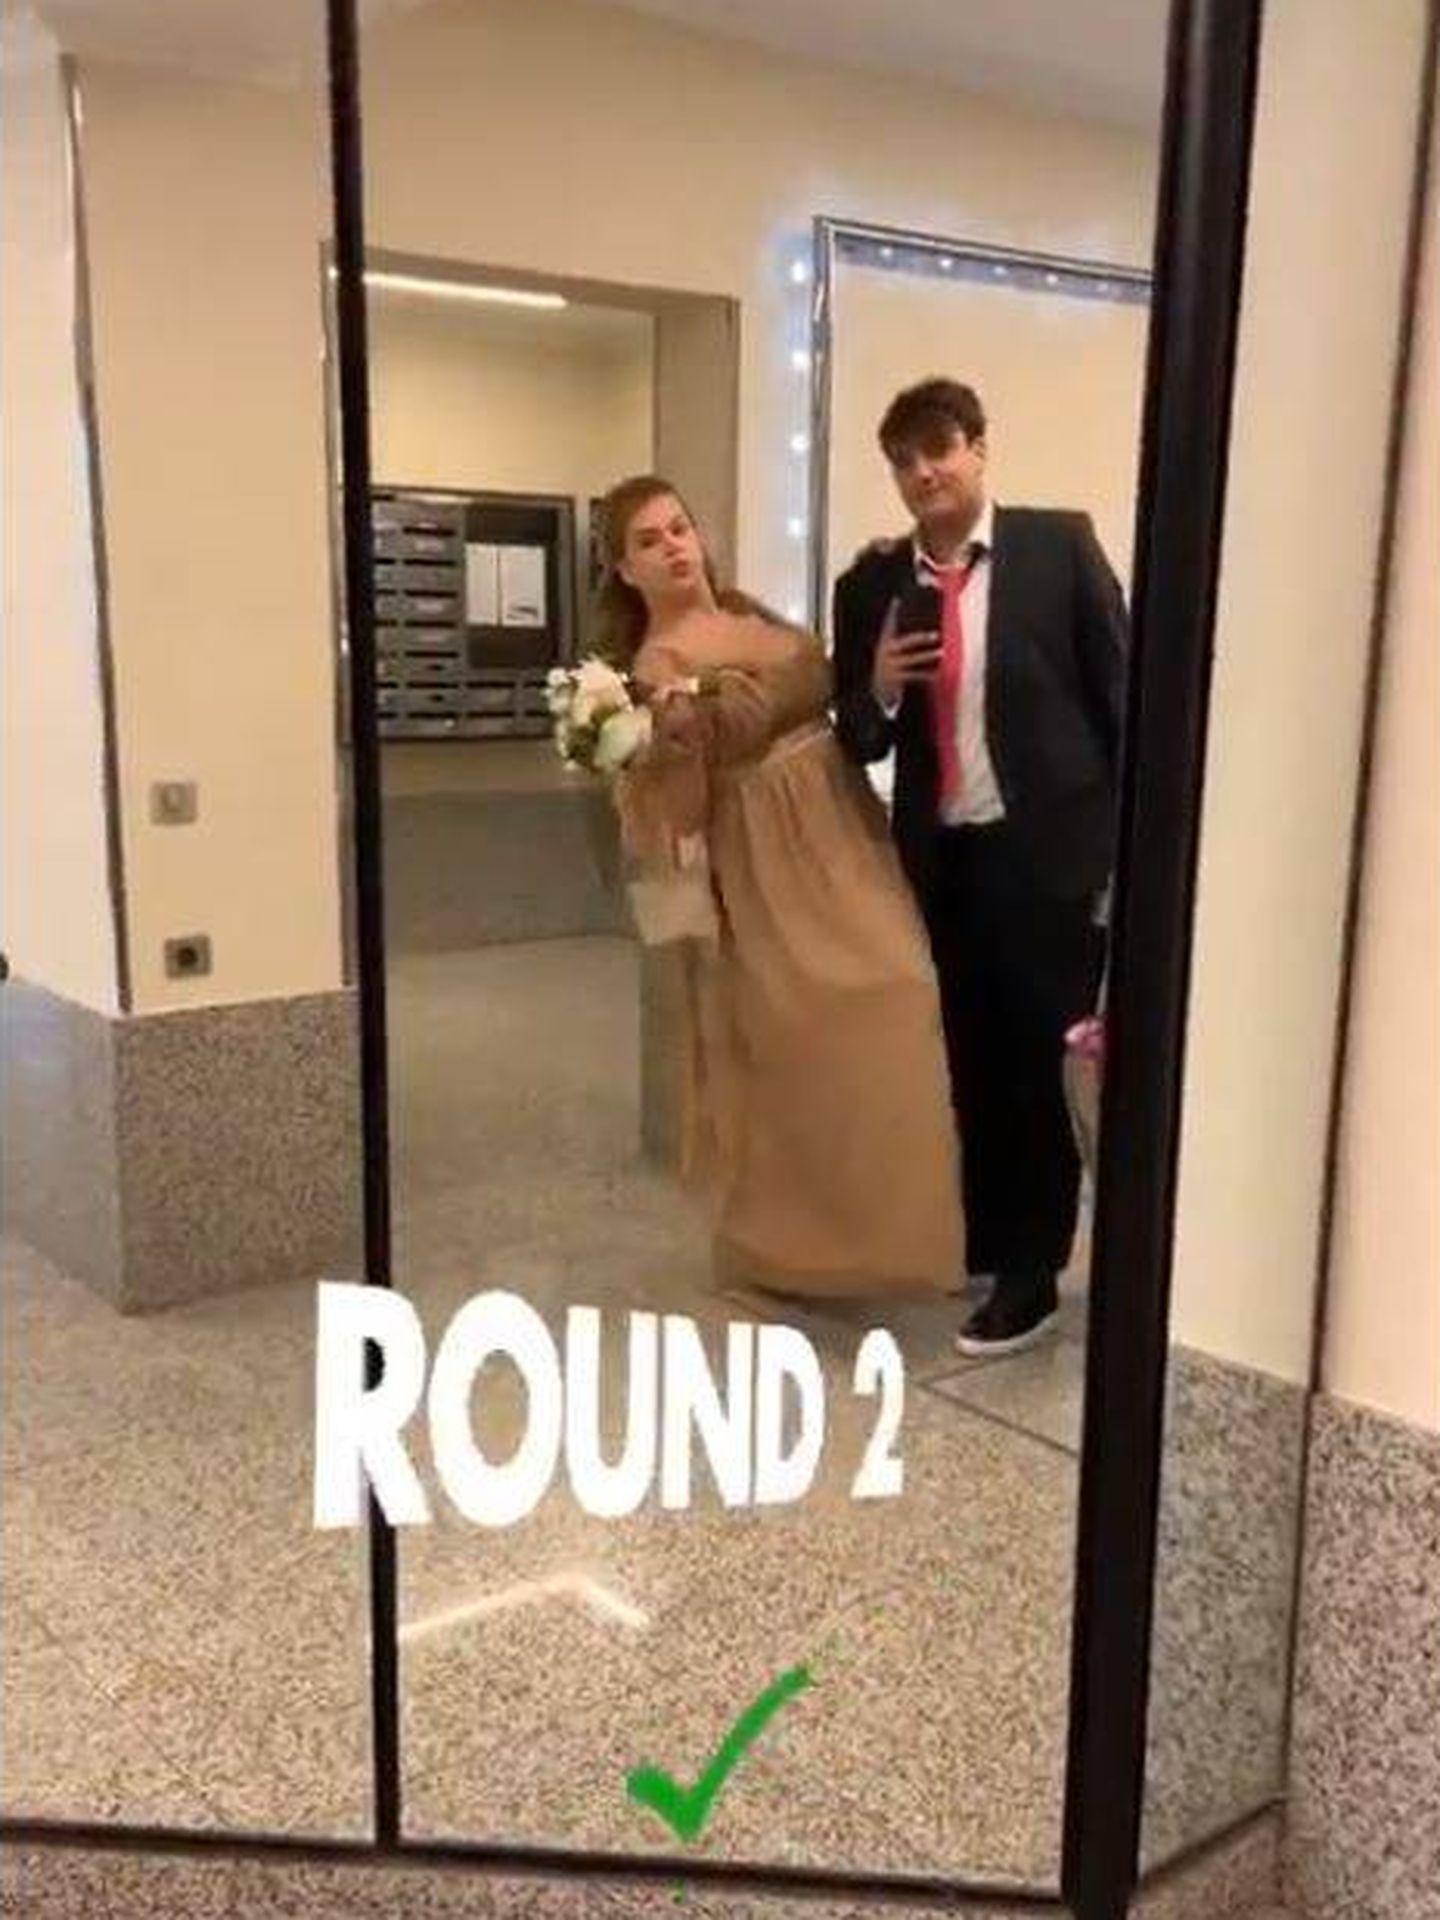 Camille Gottlieb y su novio, preparados para la boda. (@medyanthony)